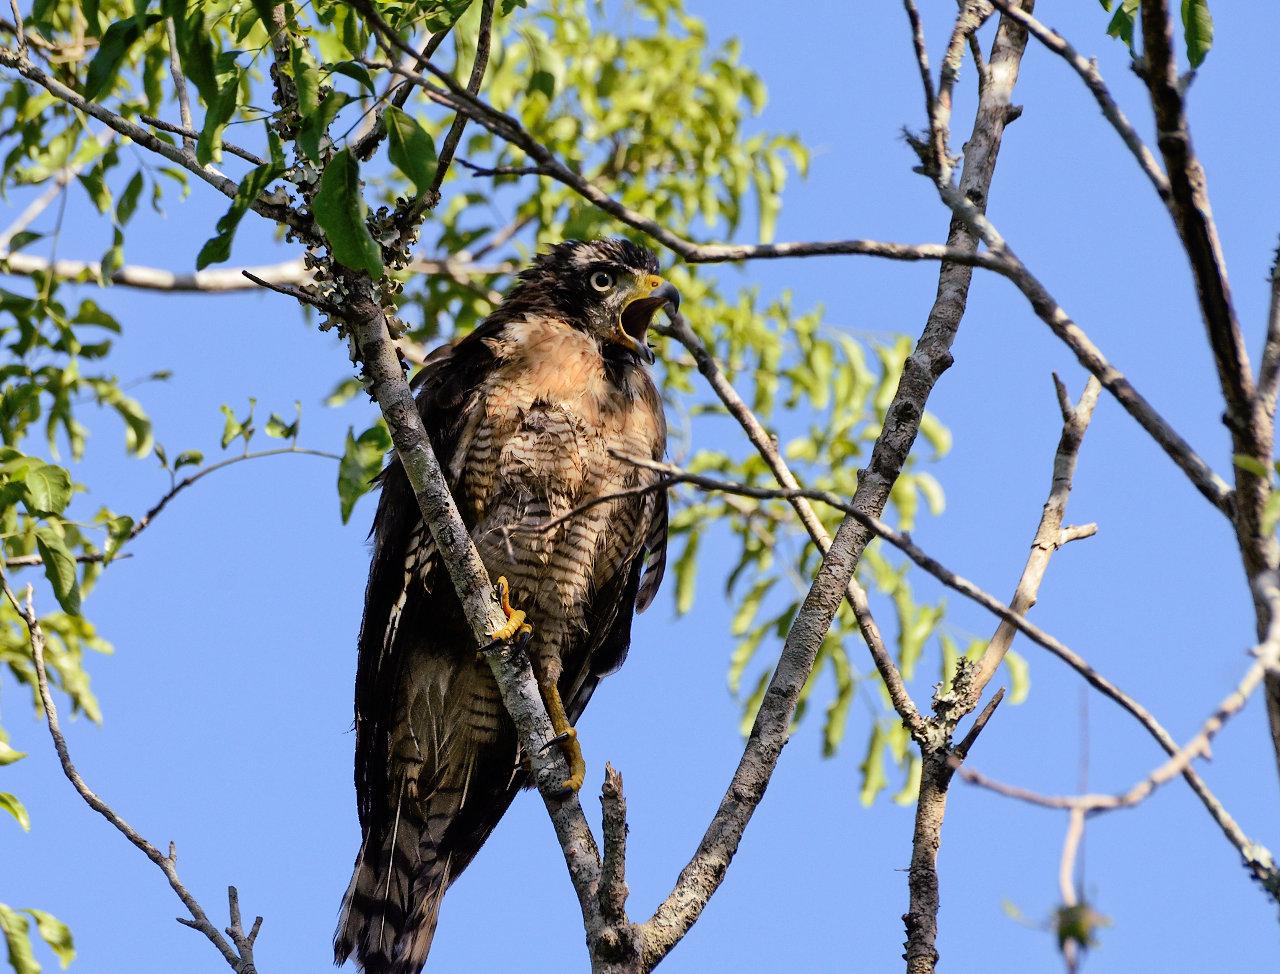 Un gavilán de patas largas emite su sonido desde las ramas de un árbol, en la localidad de Zanjita, en el departamento de Ñeembucú, cerca del río Paraguay. (Elton Núñez).